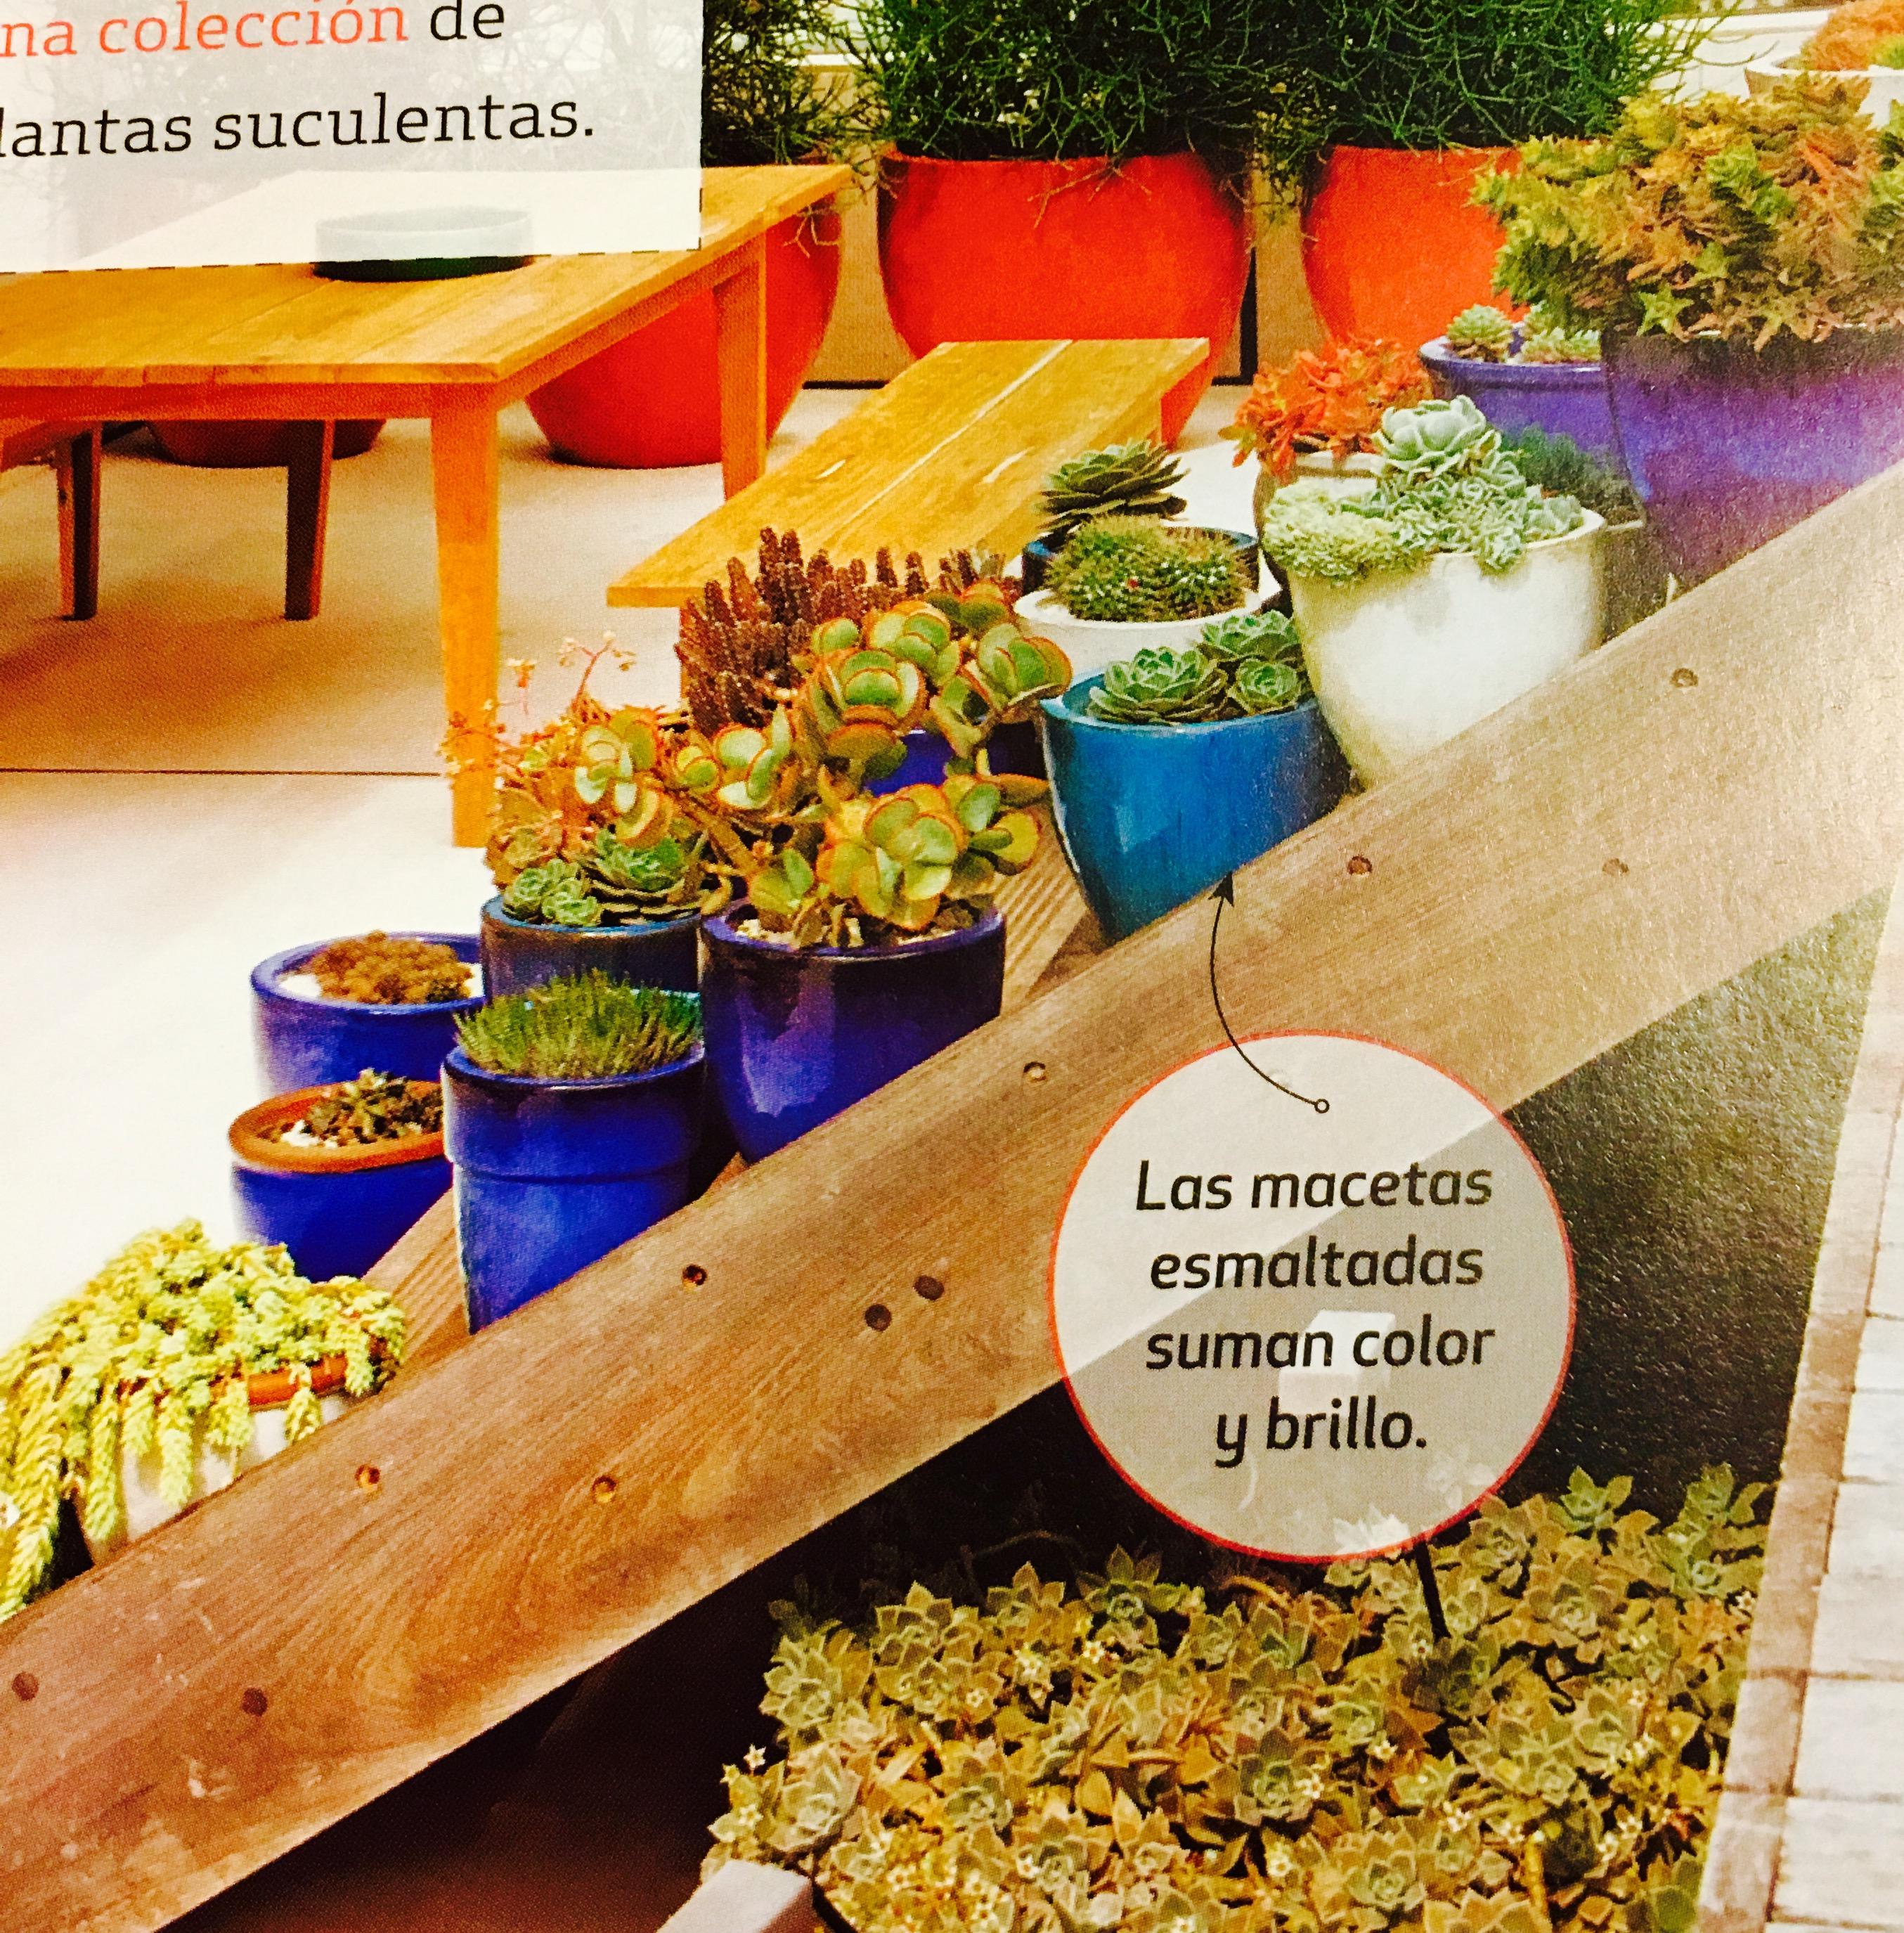 Nuevo Booka 100 buenas ideas de jardinera Blogs lanacioncom